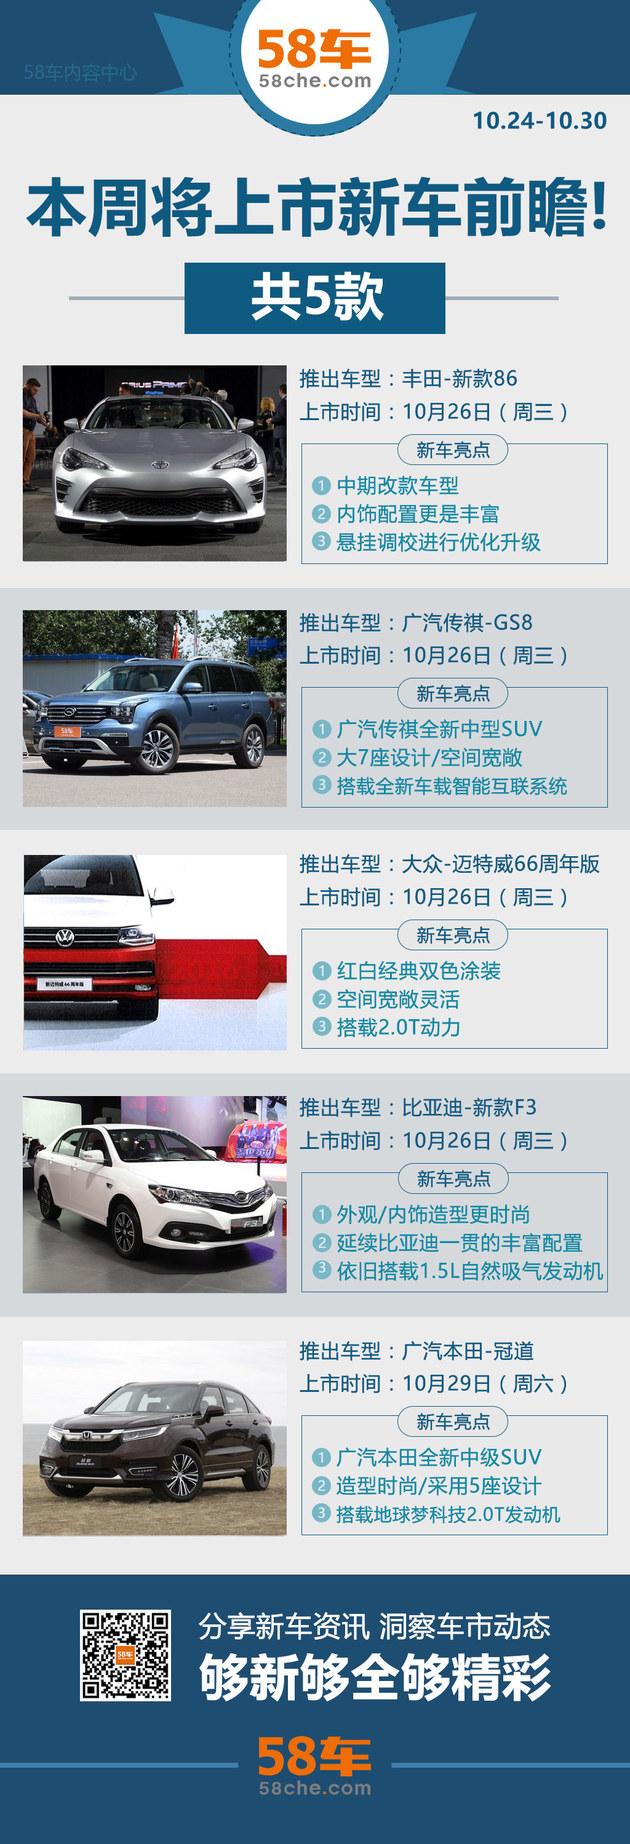 传祺GS8/冠道领衔 本周5款将上市新车